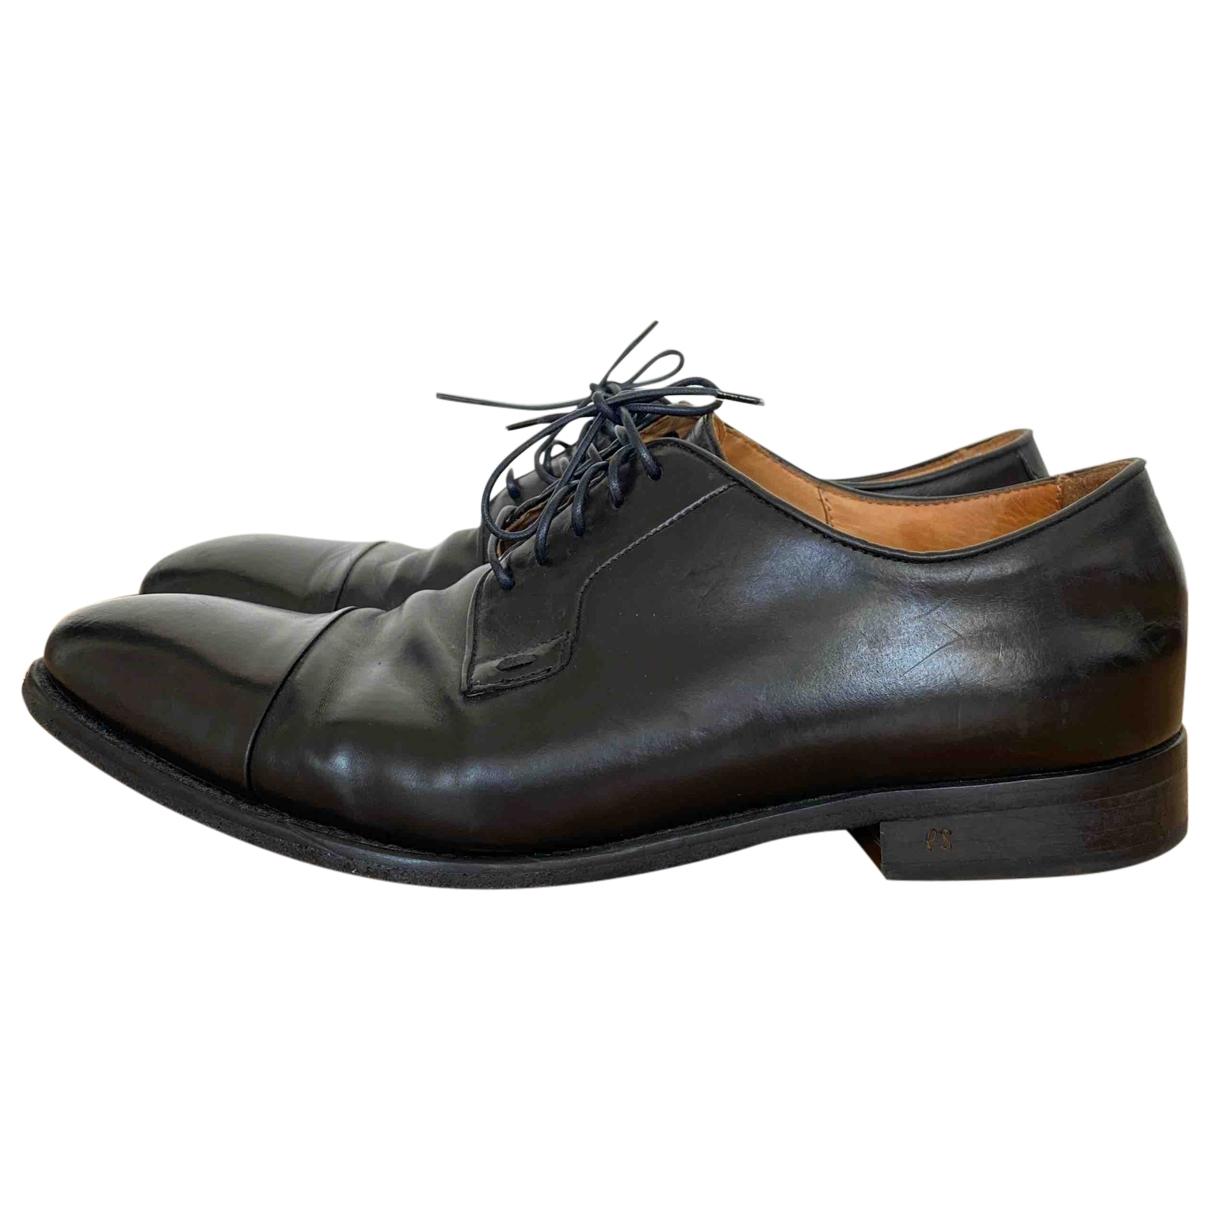 Paul Smith - Derbies   pour homme en cuir - noir